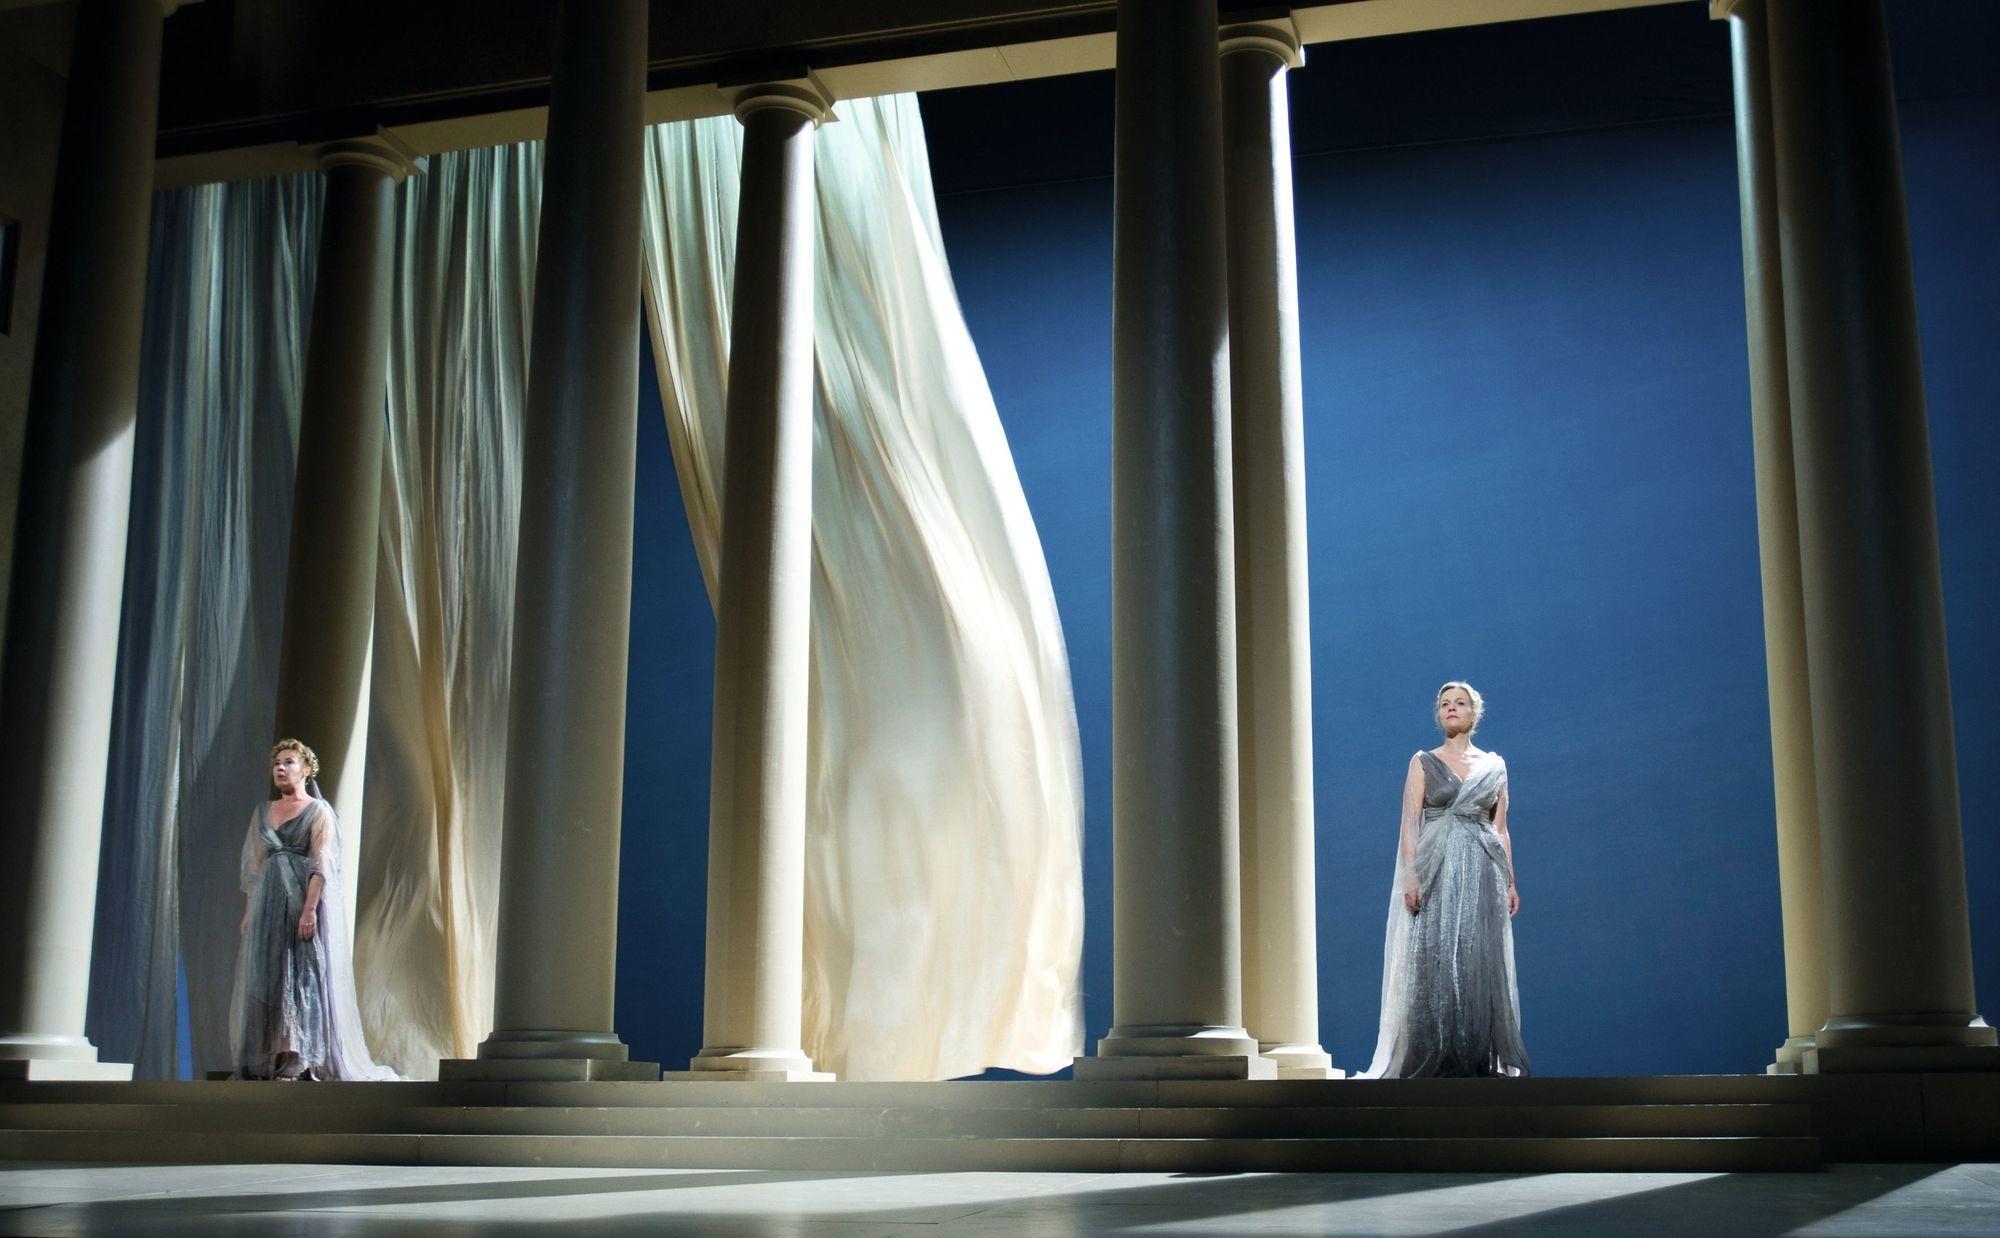 1 Jean Racine, Andromaque, mise en scène de Muriel Mayette-Holtz, Comédie-Française, Paris, 2010.